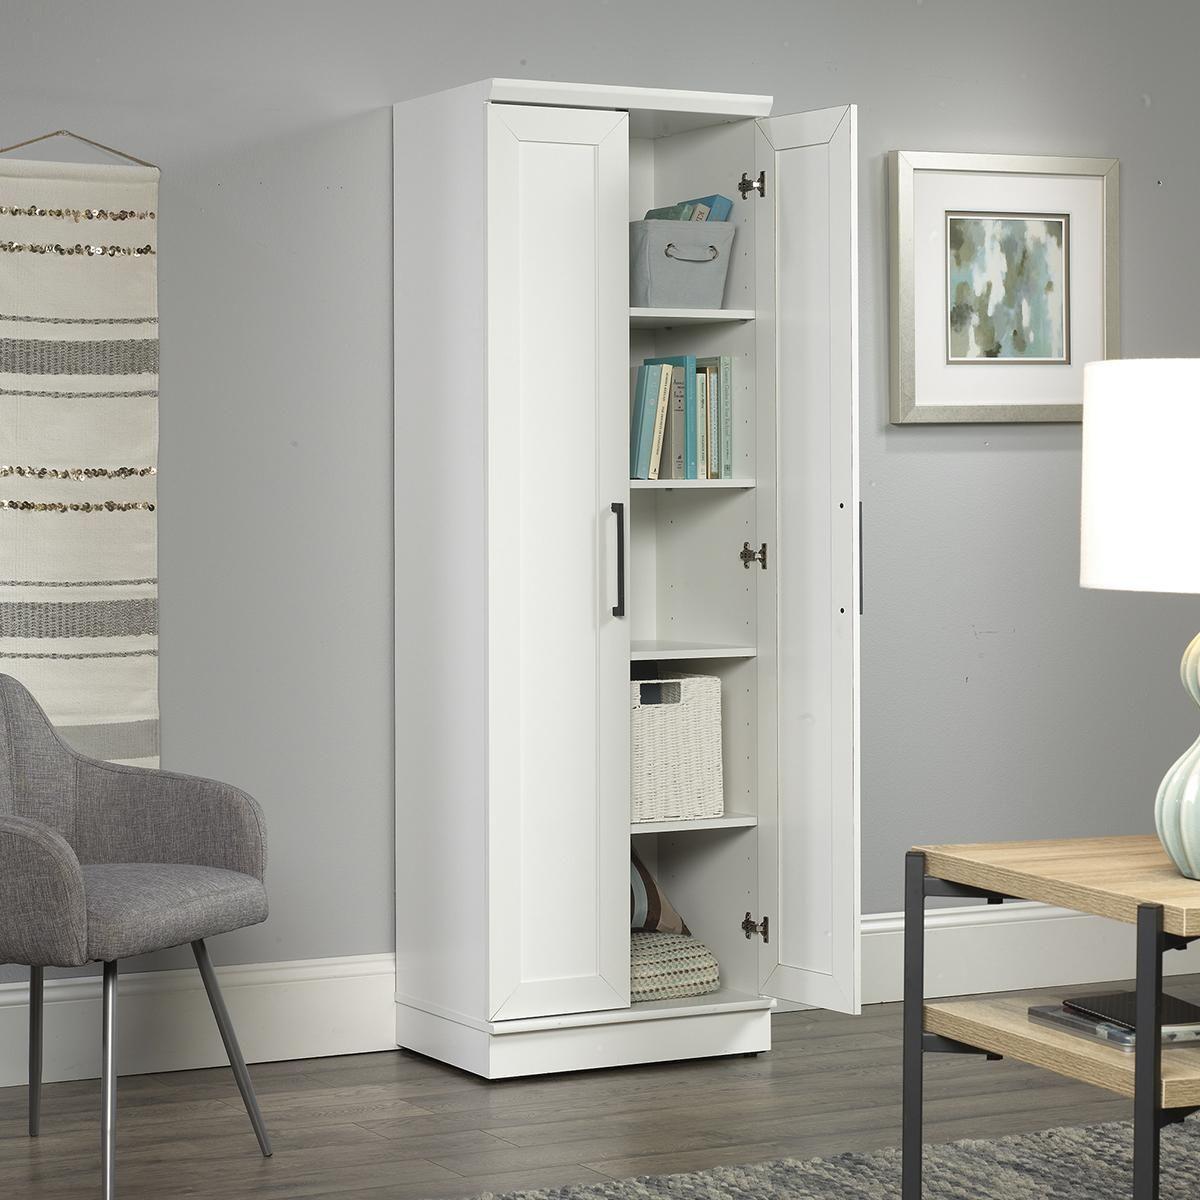 Sauder Woodworking White Cabinet